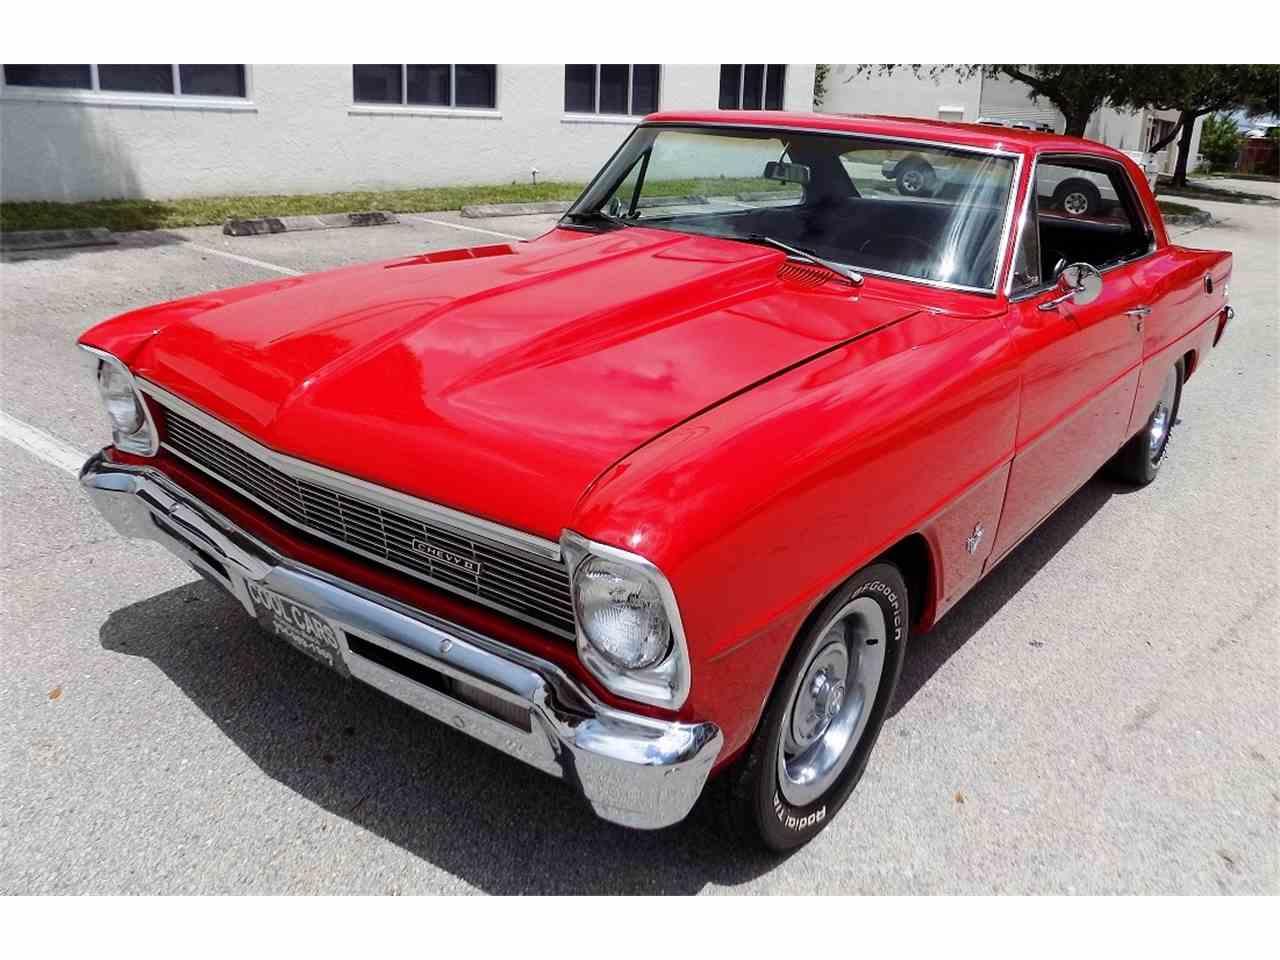 Chevrolet Nova For Sale ClassicCarscom CC - Pompano classic cars